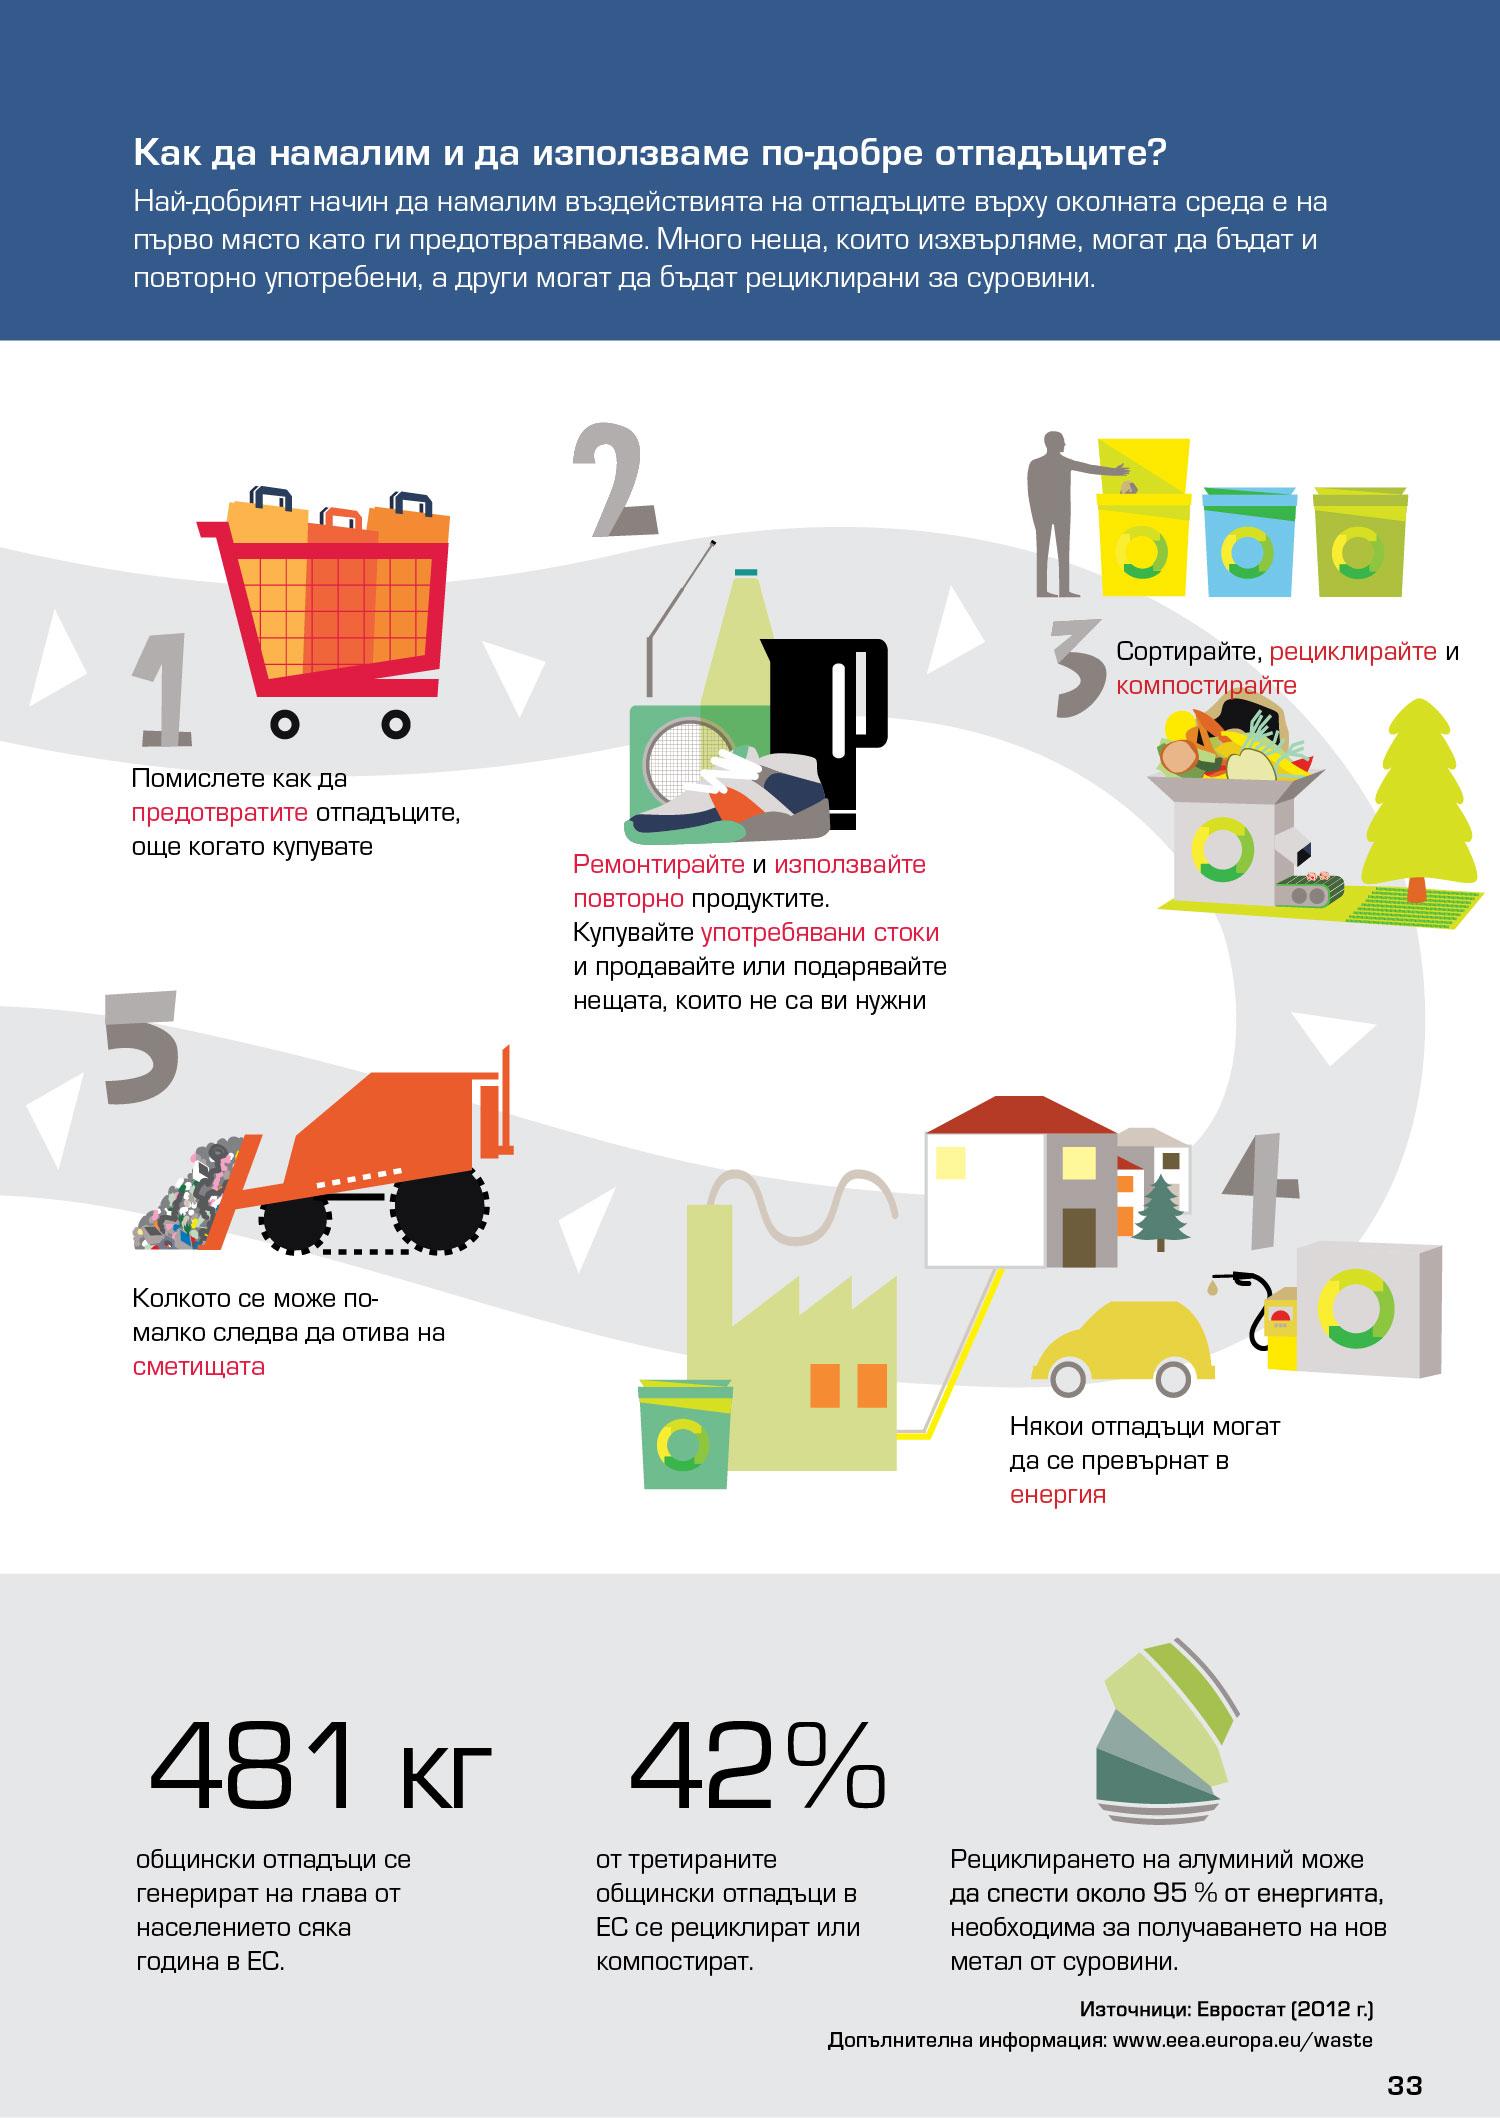 Как да намалим и да използваме по-добре отпадъците?